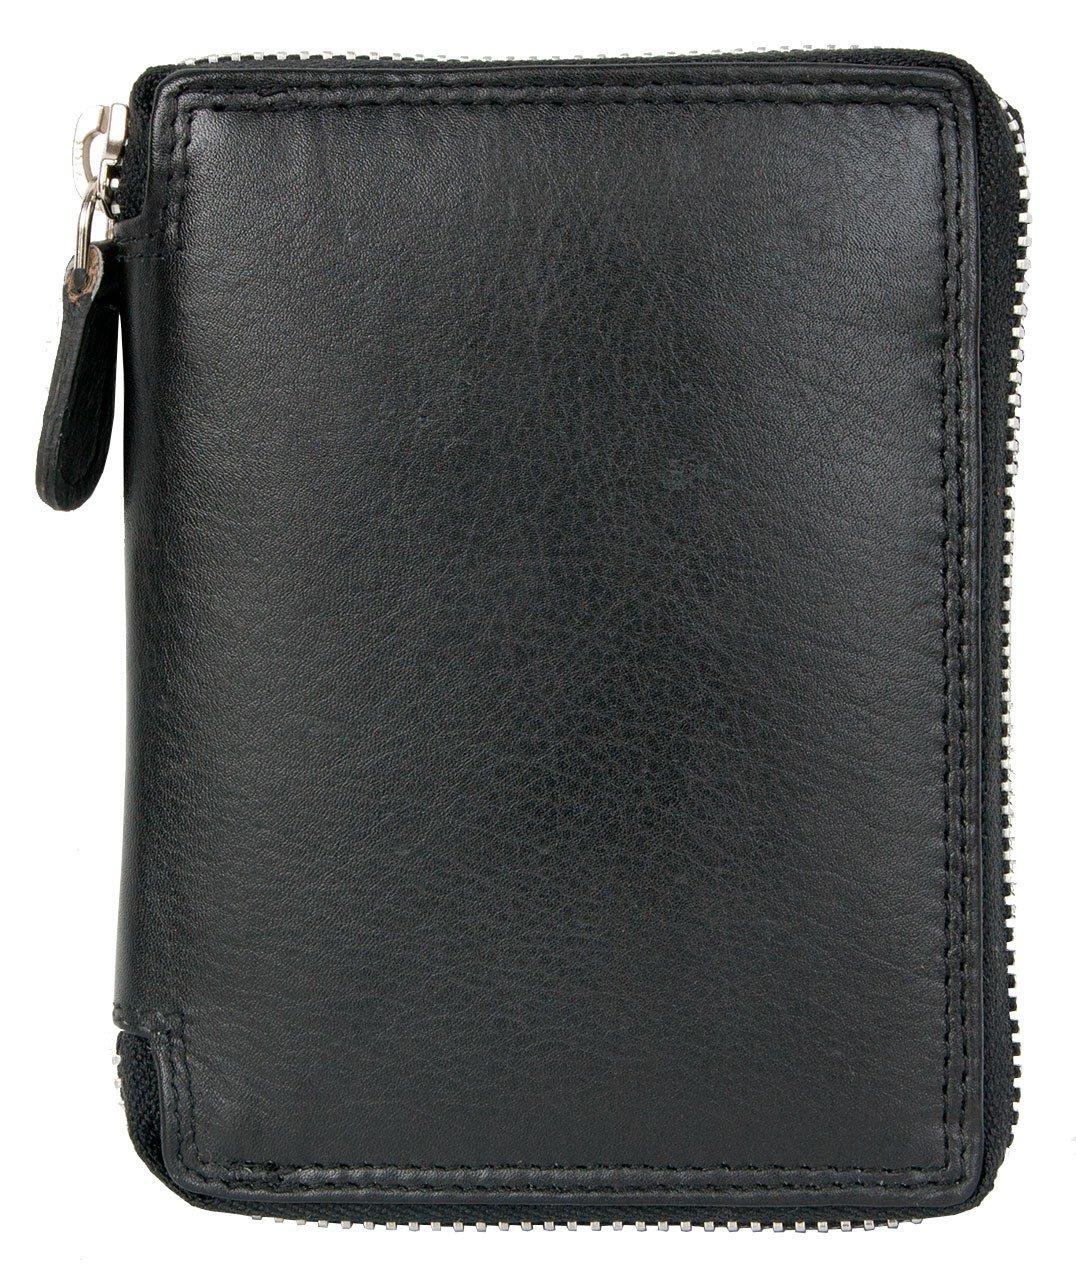 Portafoglio nero in metallo nero con zip-around con RFID